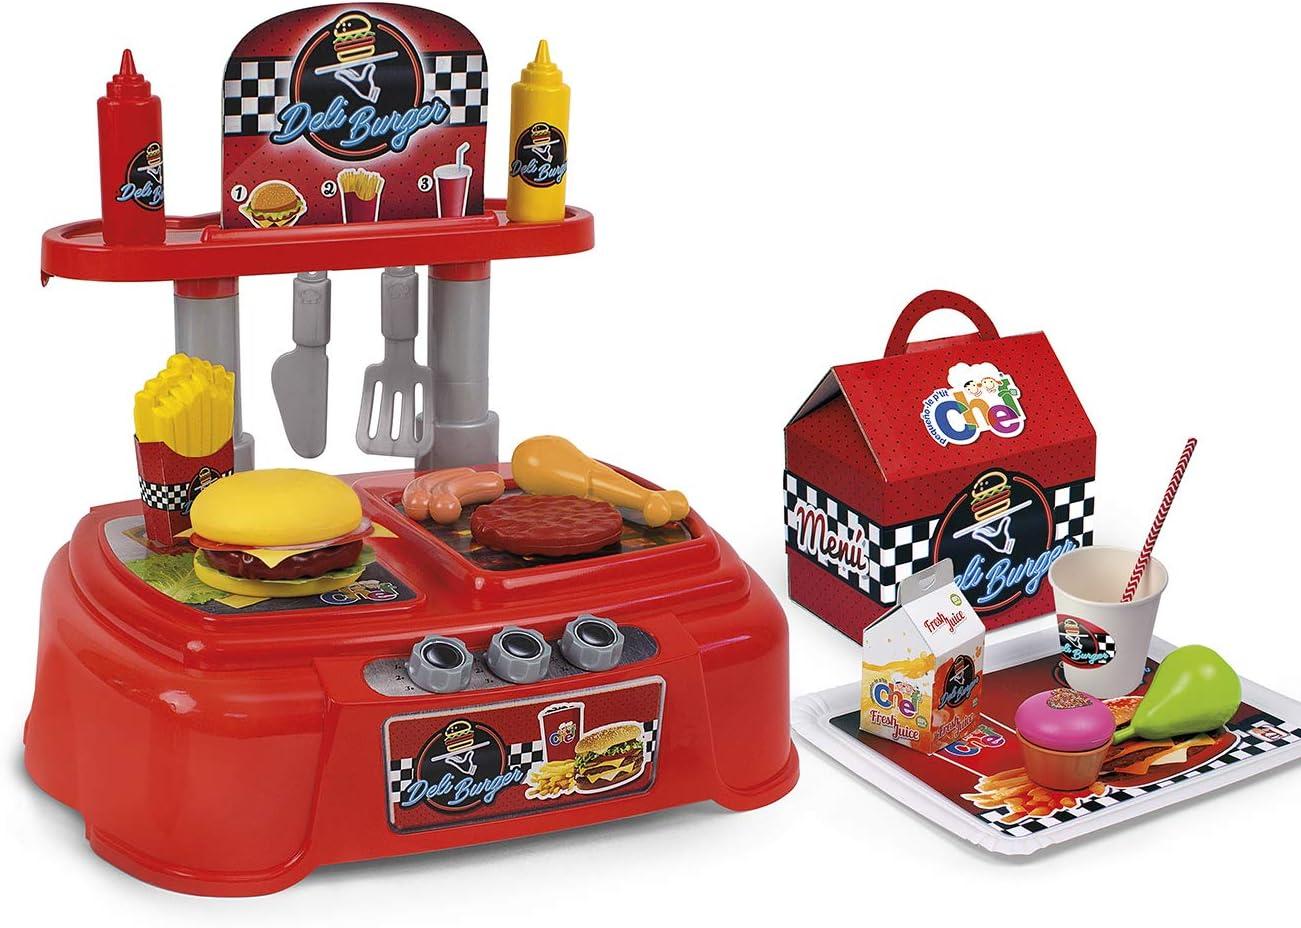 Chicos- Pequeño Chef Deli Burger, Hamburguesería de Juguete con 23 Accesorios, a Partir de 3 Años, Medidas - 50 x 32 x 40 cm (Fábrica 83007.0) , color/modelo surtido